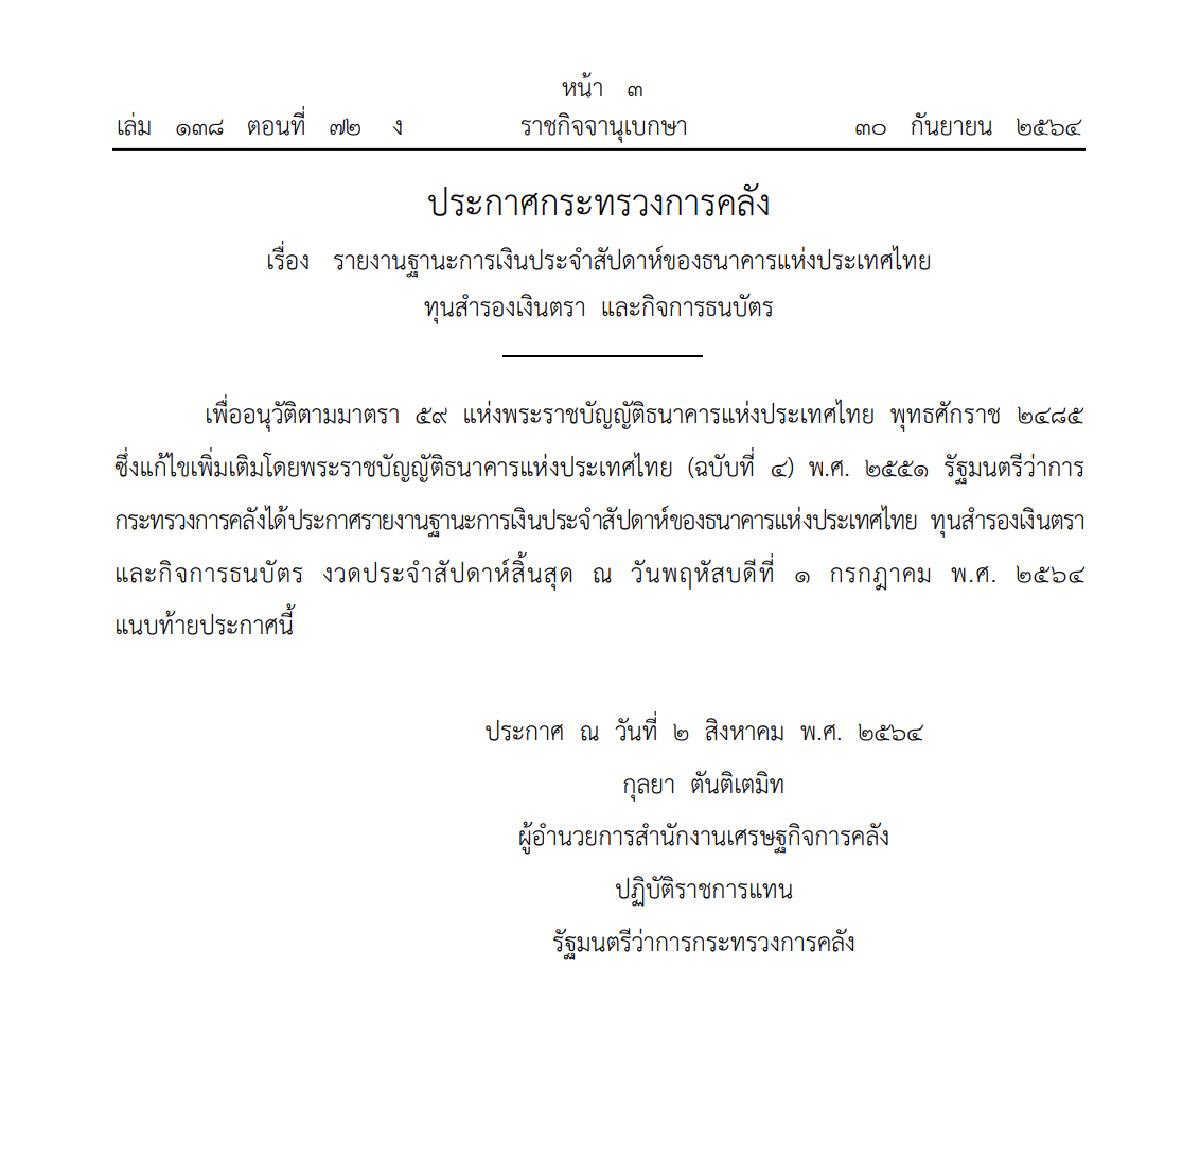 ราชกิจจาฯ ประกาศฐานะการเงิน-ทุนสำรองไทยล่าสุด